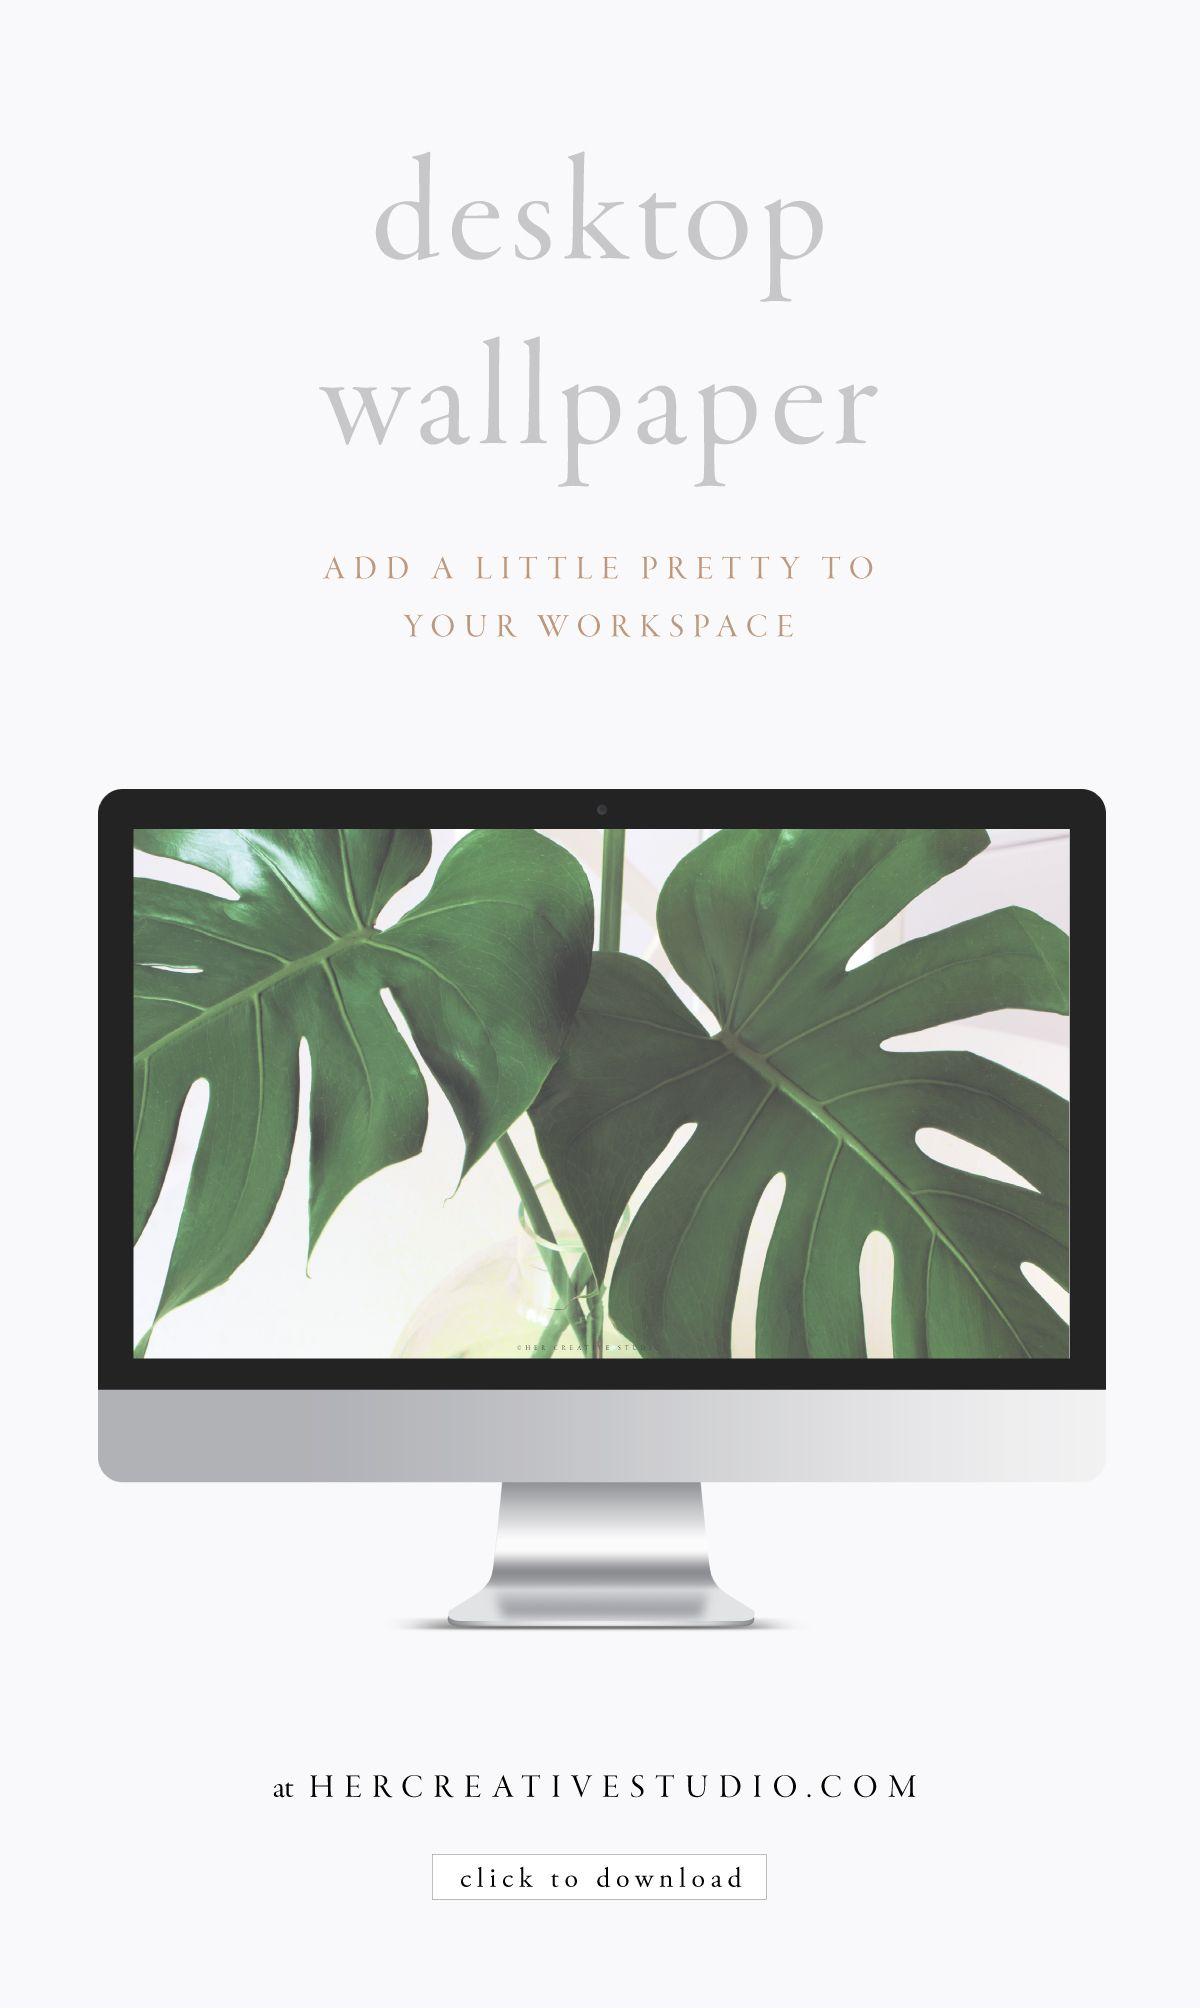 August Desktop Wallpaper 2019 Her Creative Studio Free Wallpaper Desktop Free Desktop Wallpaper Creative Desktop Wallpaper